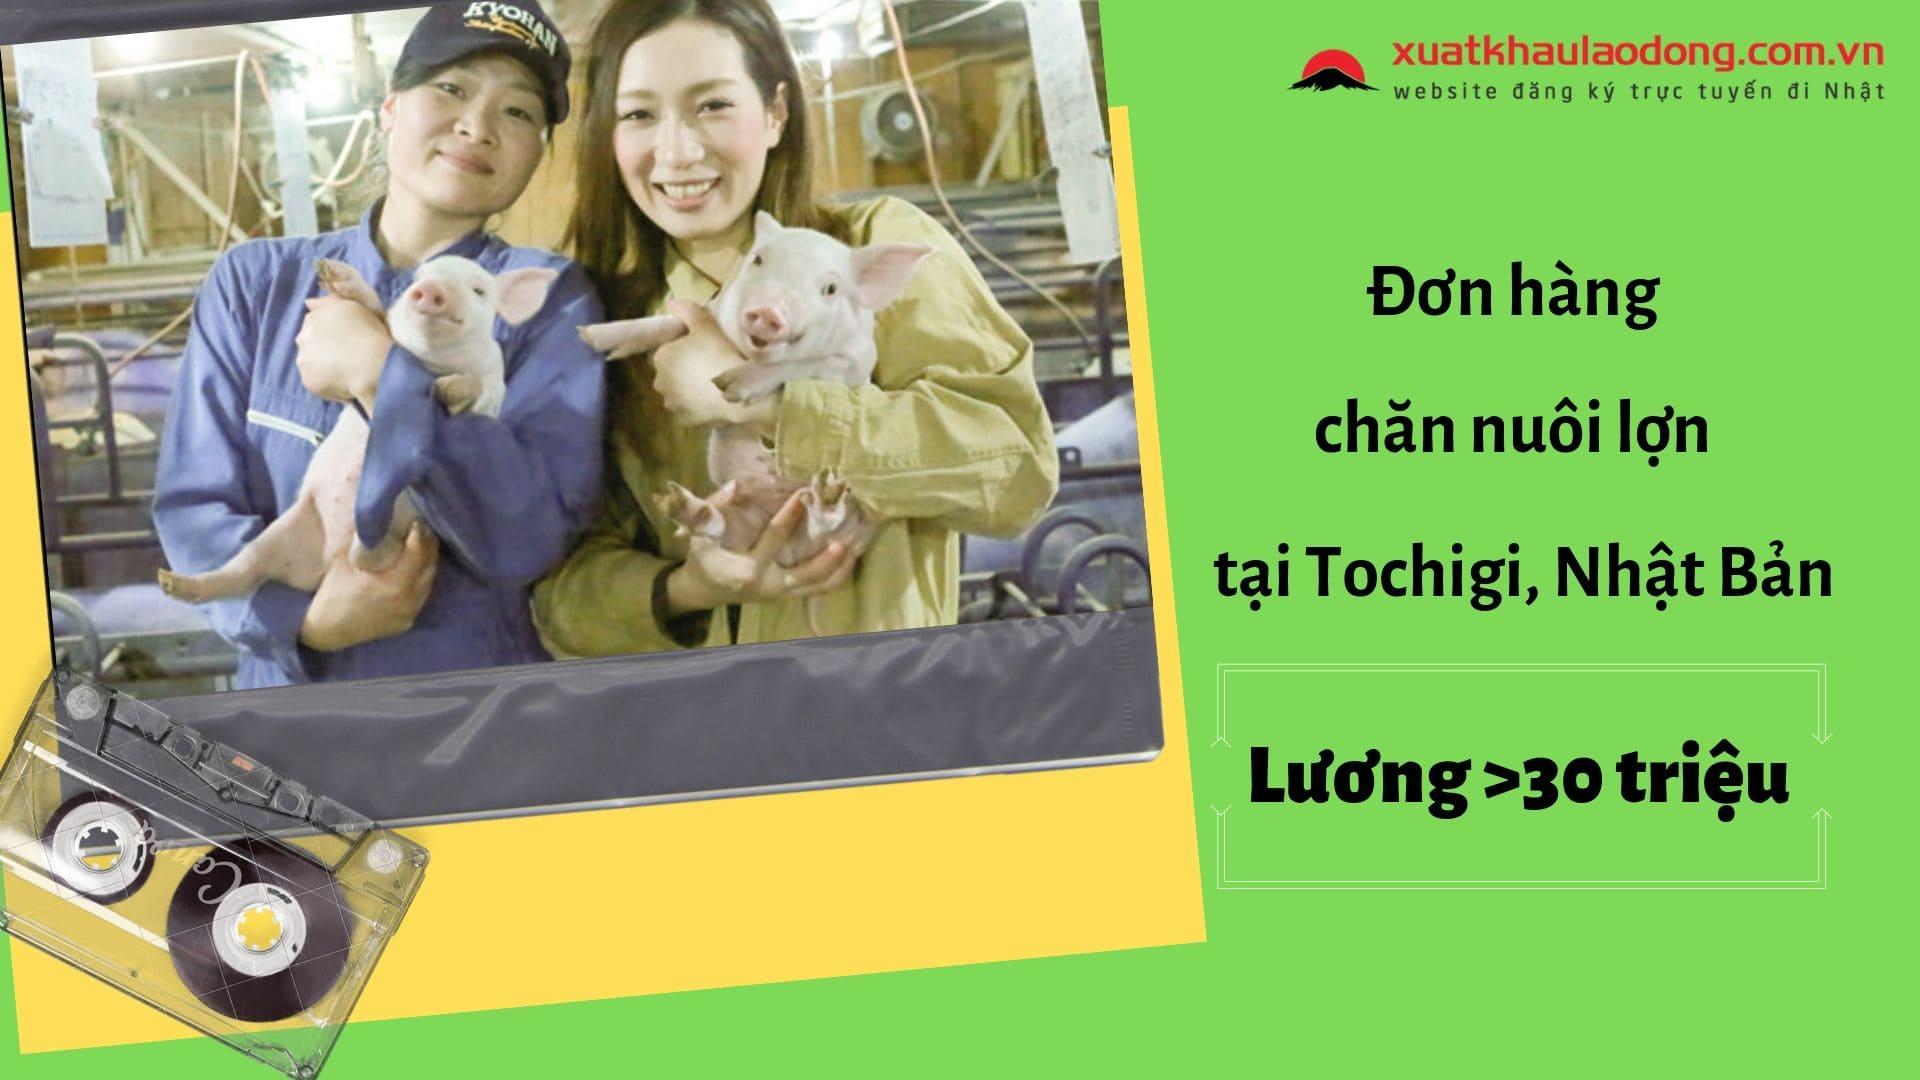 Tuyển gấp 20 nam/nữ đơn hàng chăn nuôi lợn lấy đến 33 tuổi tại Tochigi, Nhật Bản